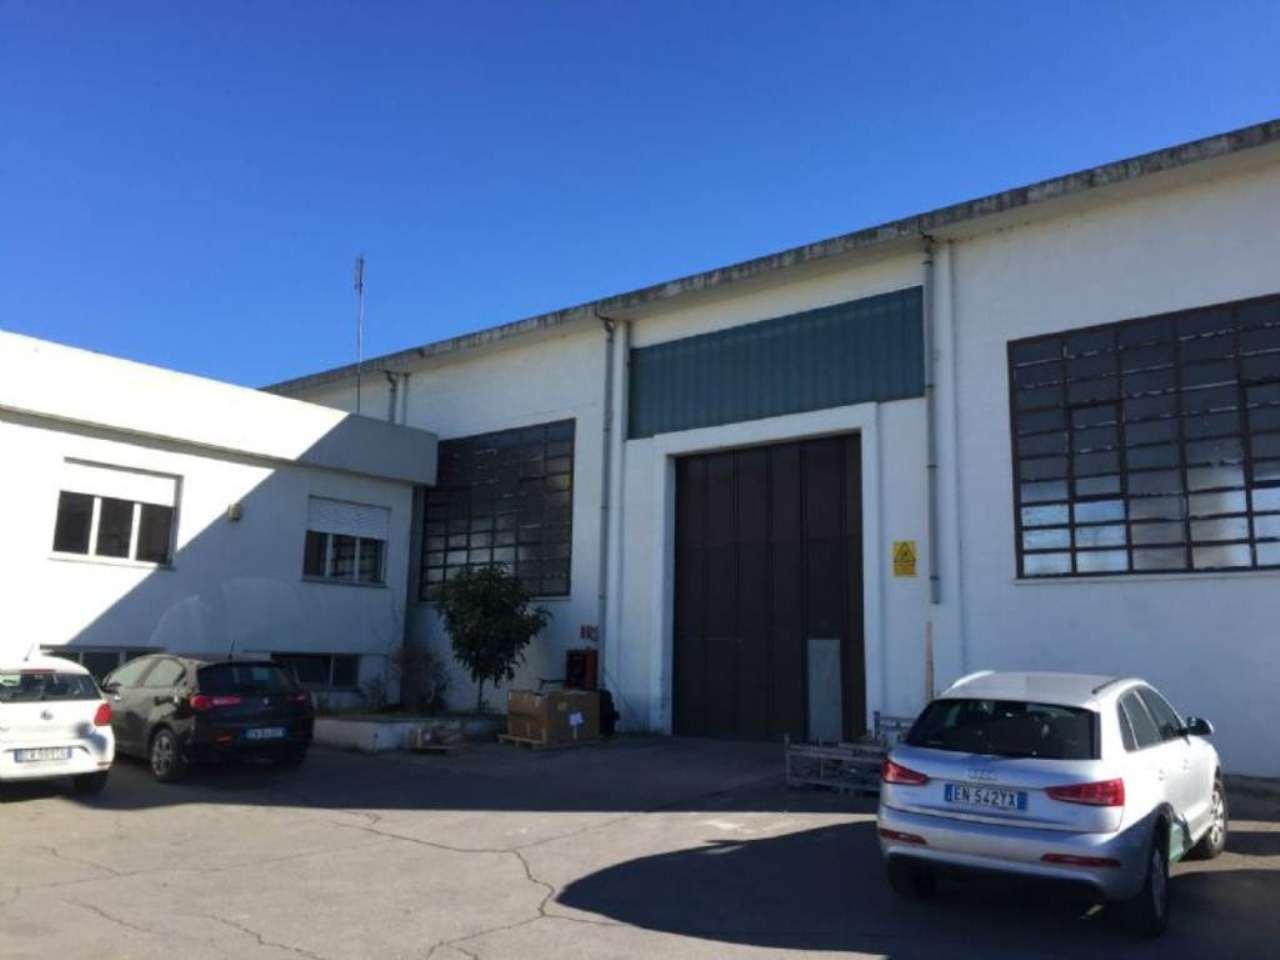 Capannone in vendita a Poirino, 1 locali, prezzo € 635.000 | CambioCasa.it